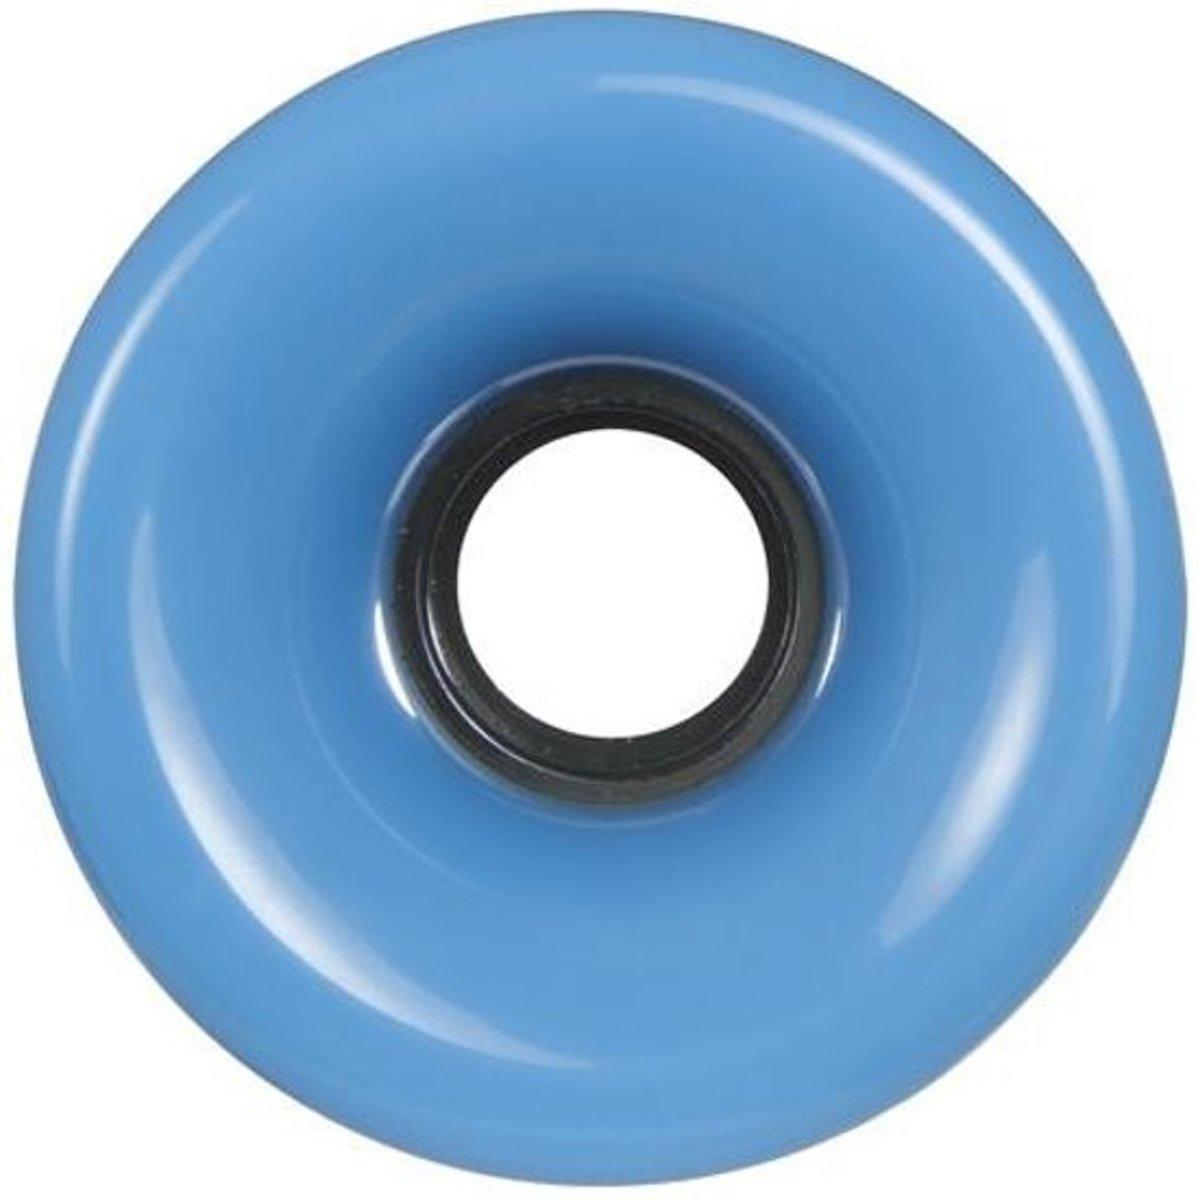 Powerslide Longboard Wielen 70 x 51mm 83a blauw per 4 stuks kopen